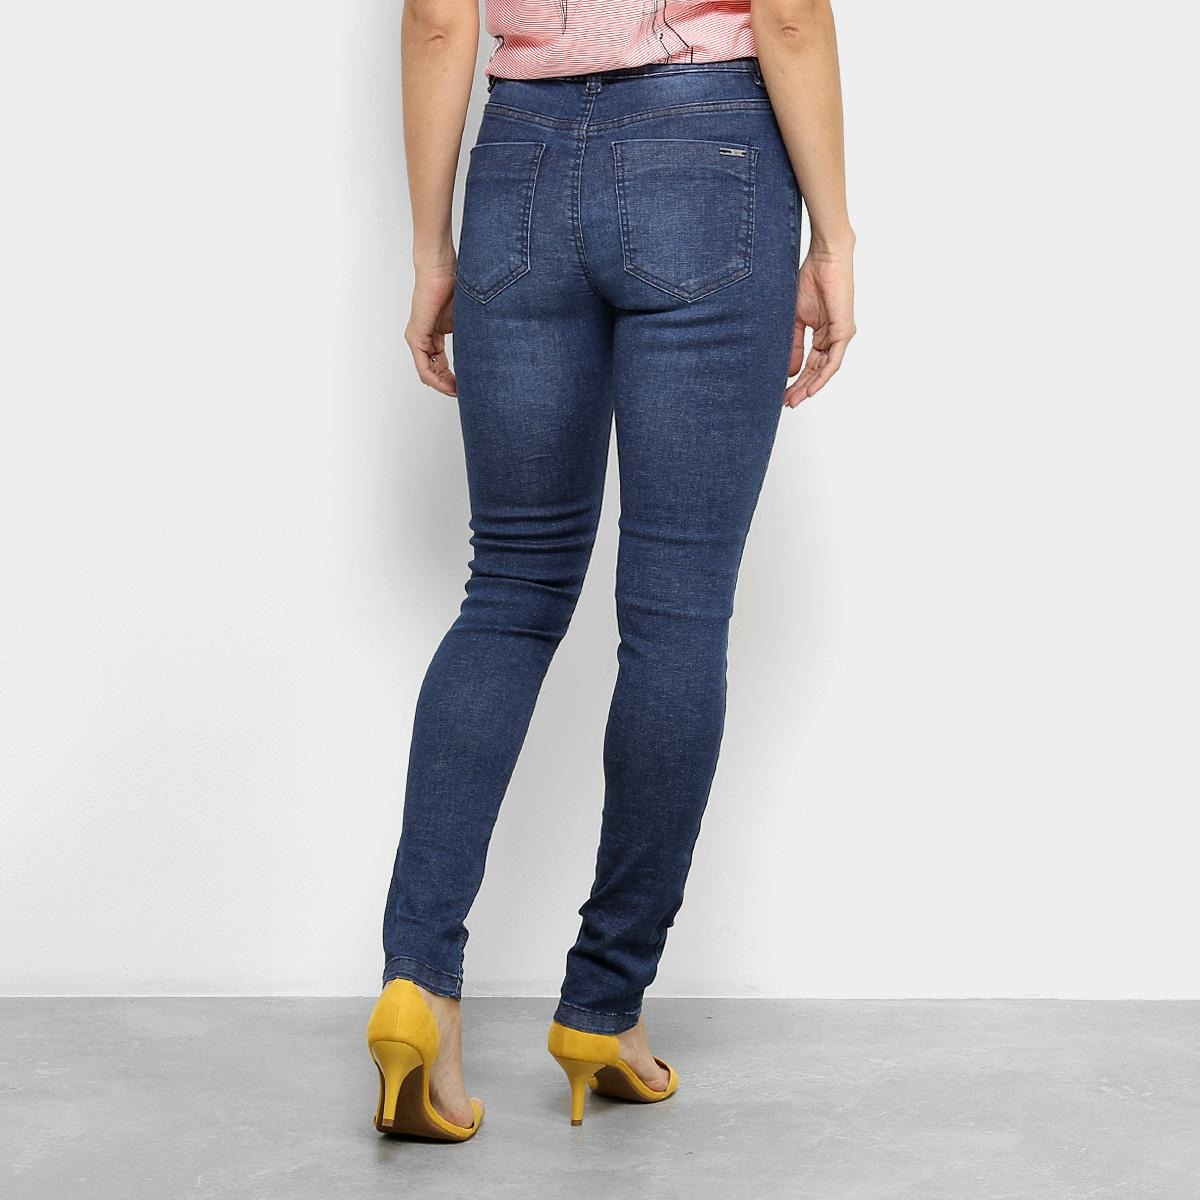 6742ad848 calça jeans skinny cantão comfort cintura média feminina. Carregando zoom.